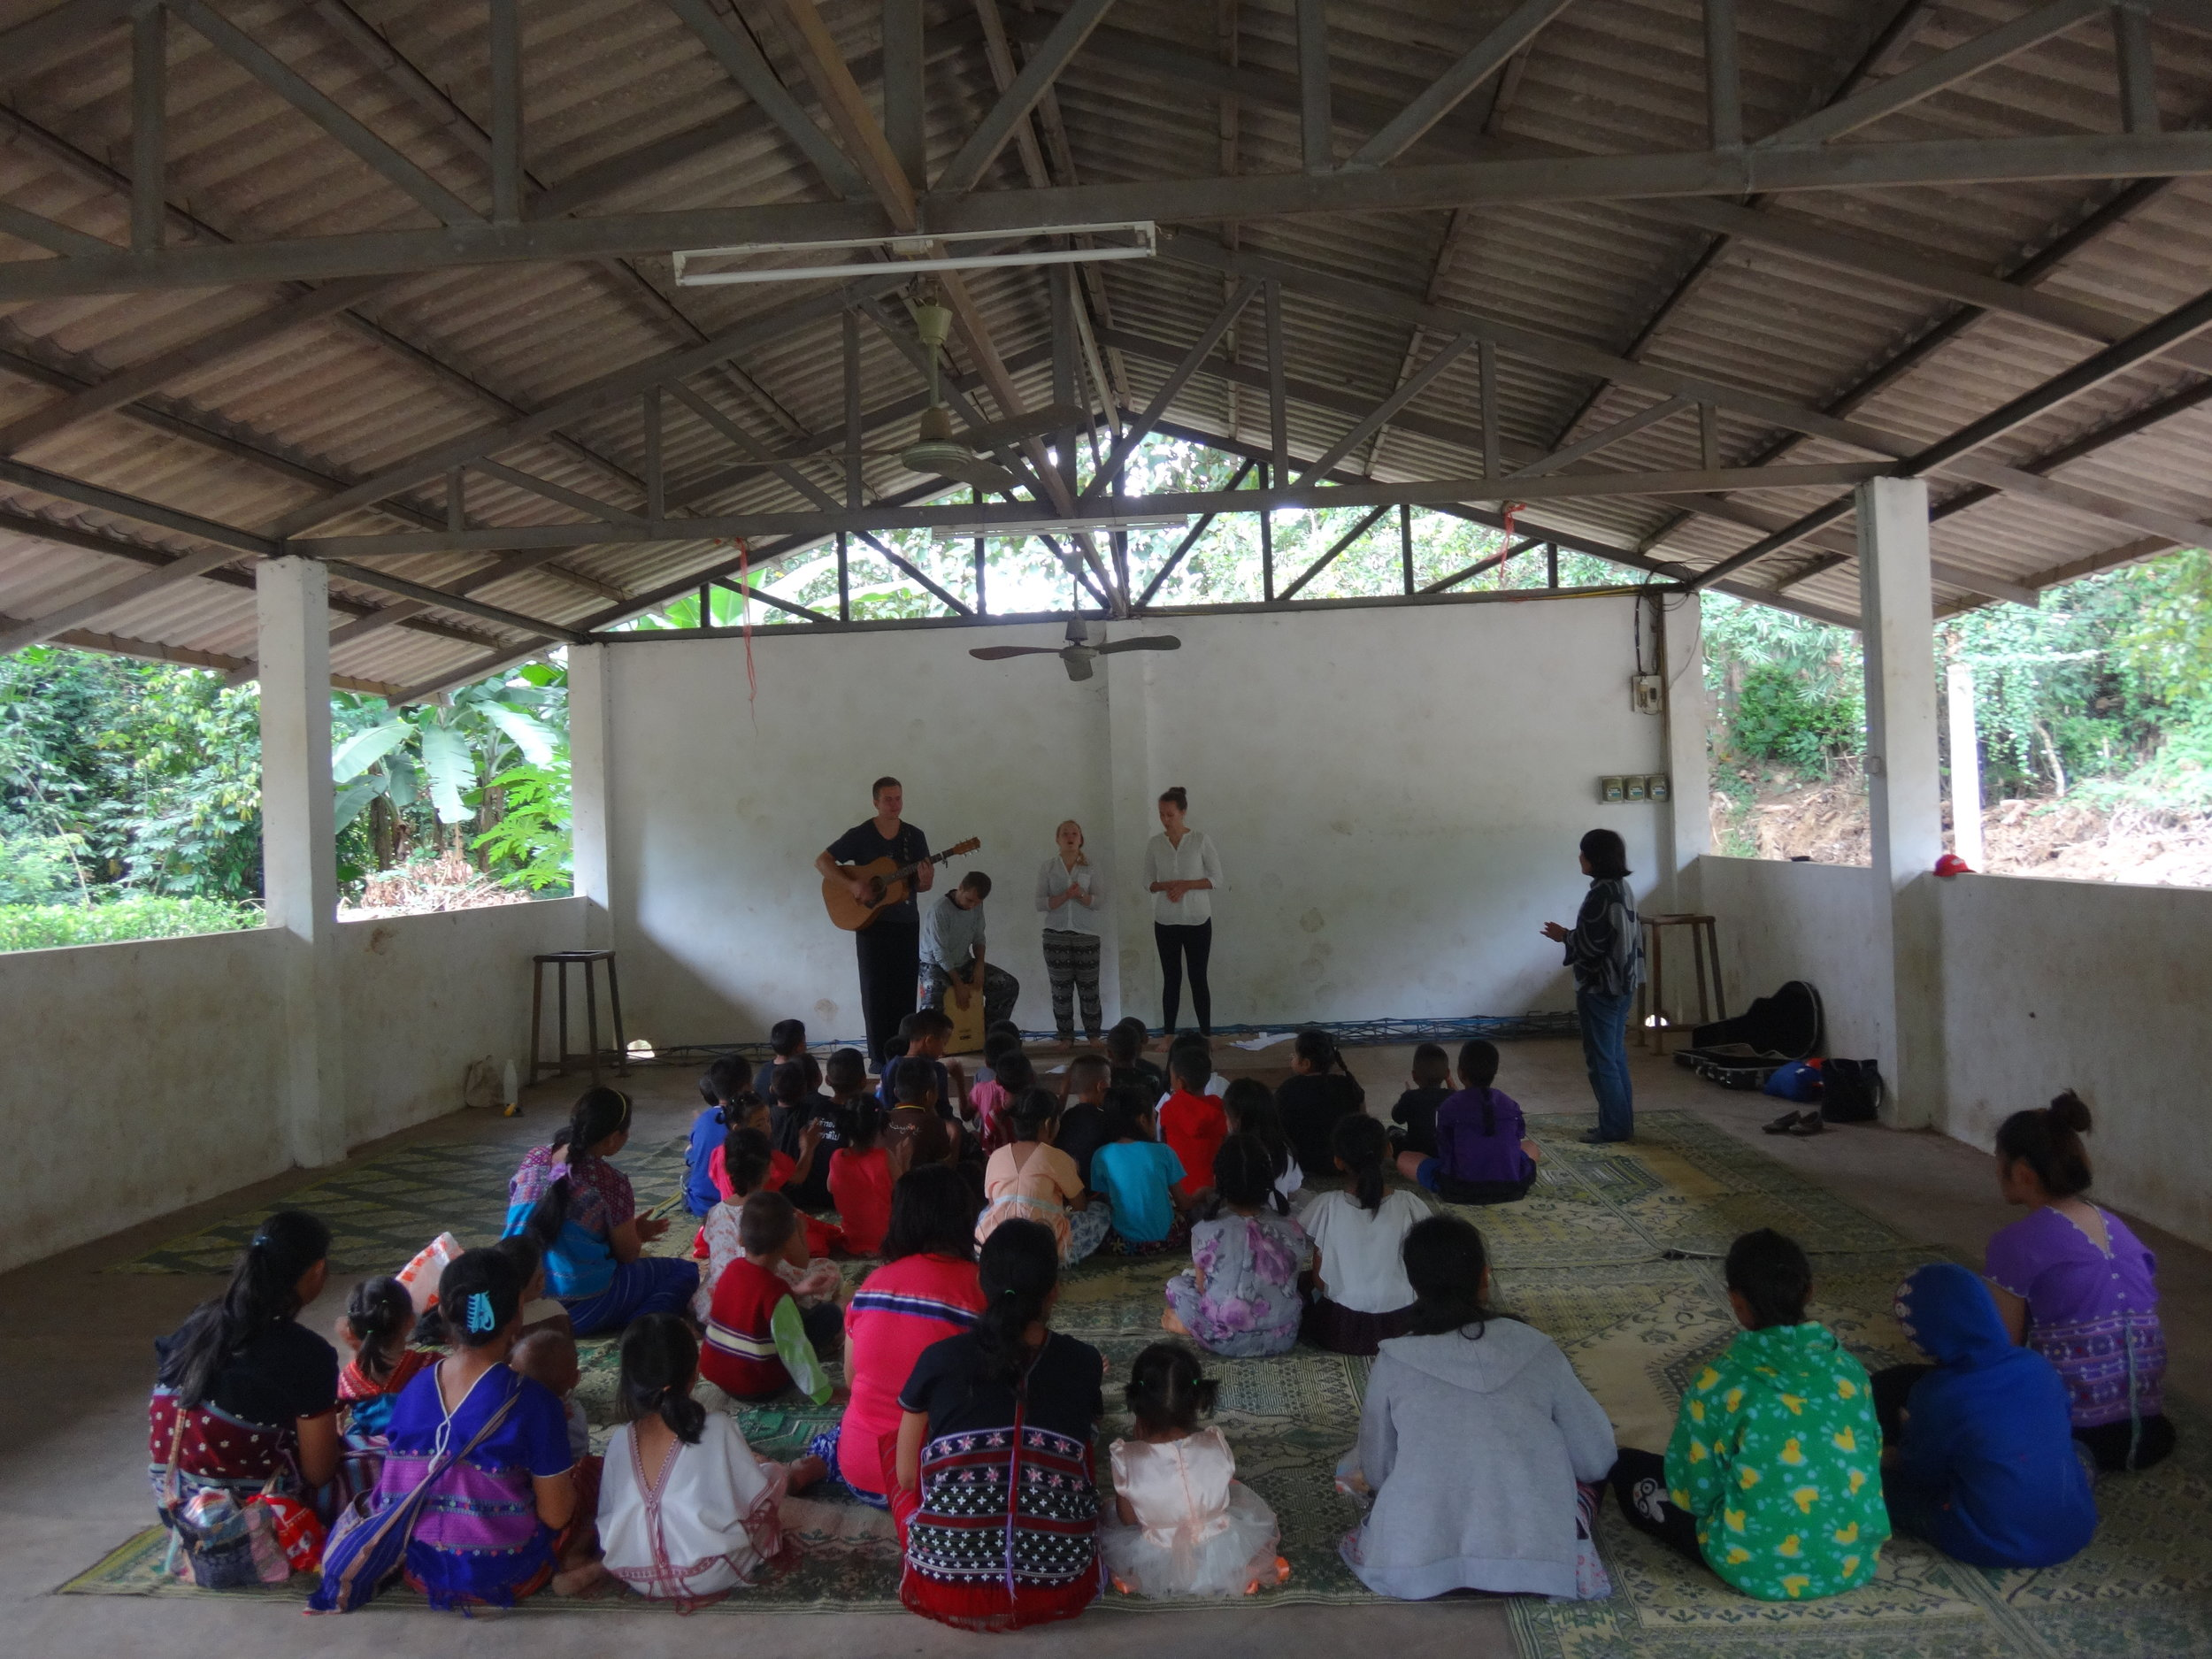 Lasten pyhäkoulussa lapset kuuntelivat ja lauloivat Jannen, Joonan, Inan ja Saara Vesalan laulua. Kuvassa Jua tulkkaamassa oikealla.